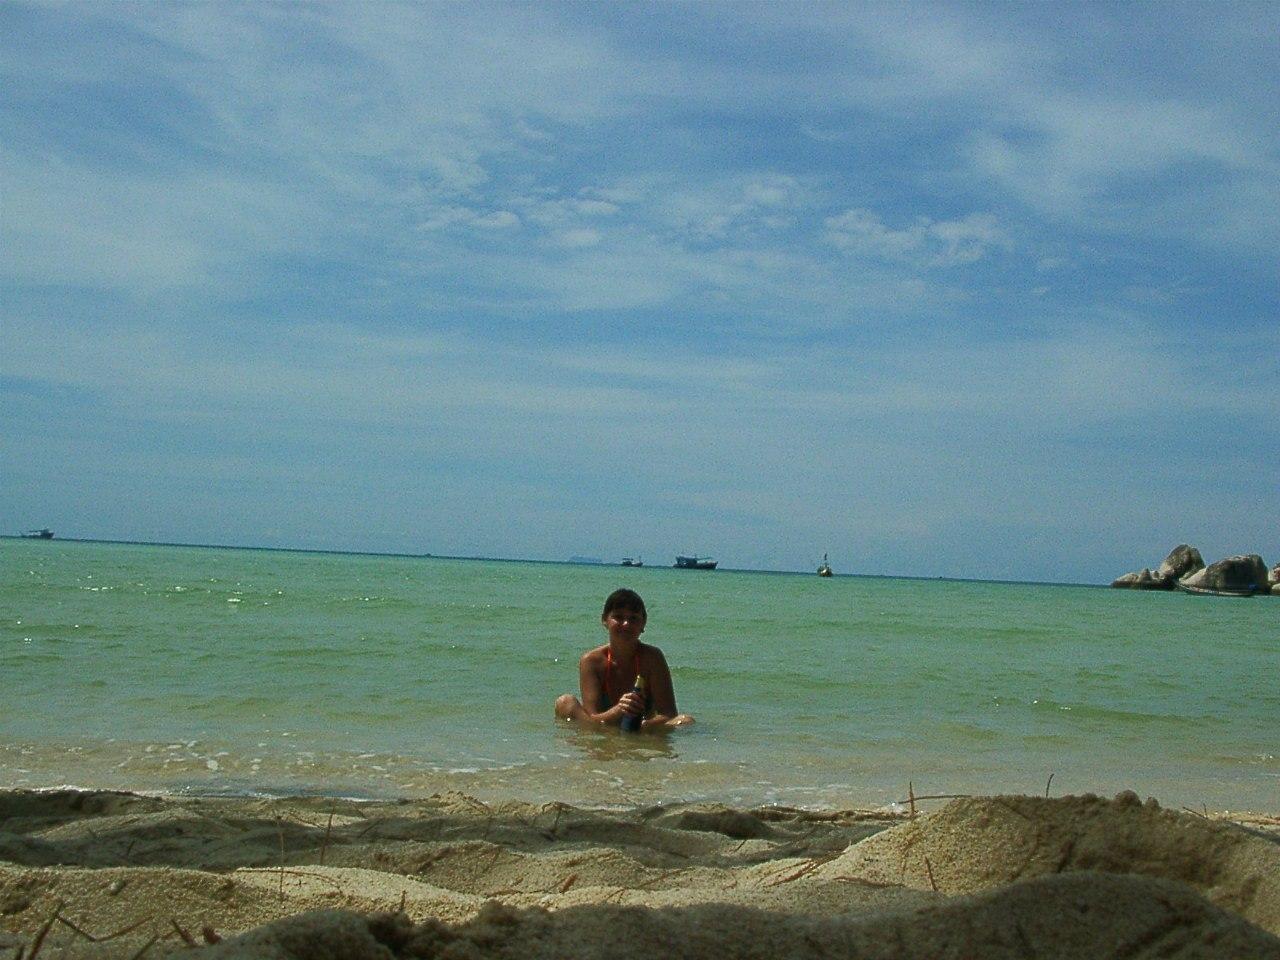 Мой первый Азиатский пляж - Чалок, Ко Тао, 2005 год